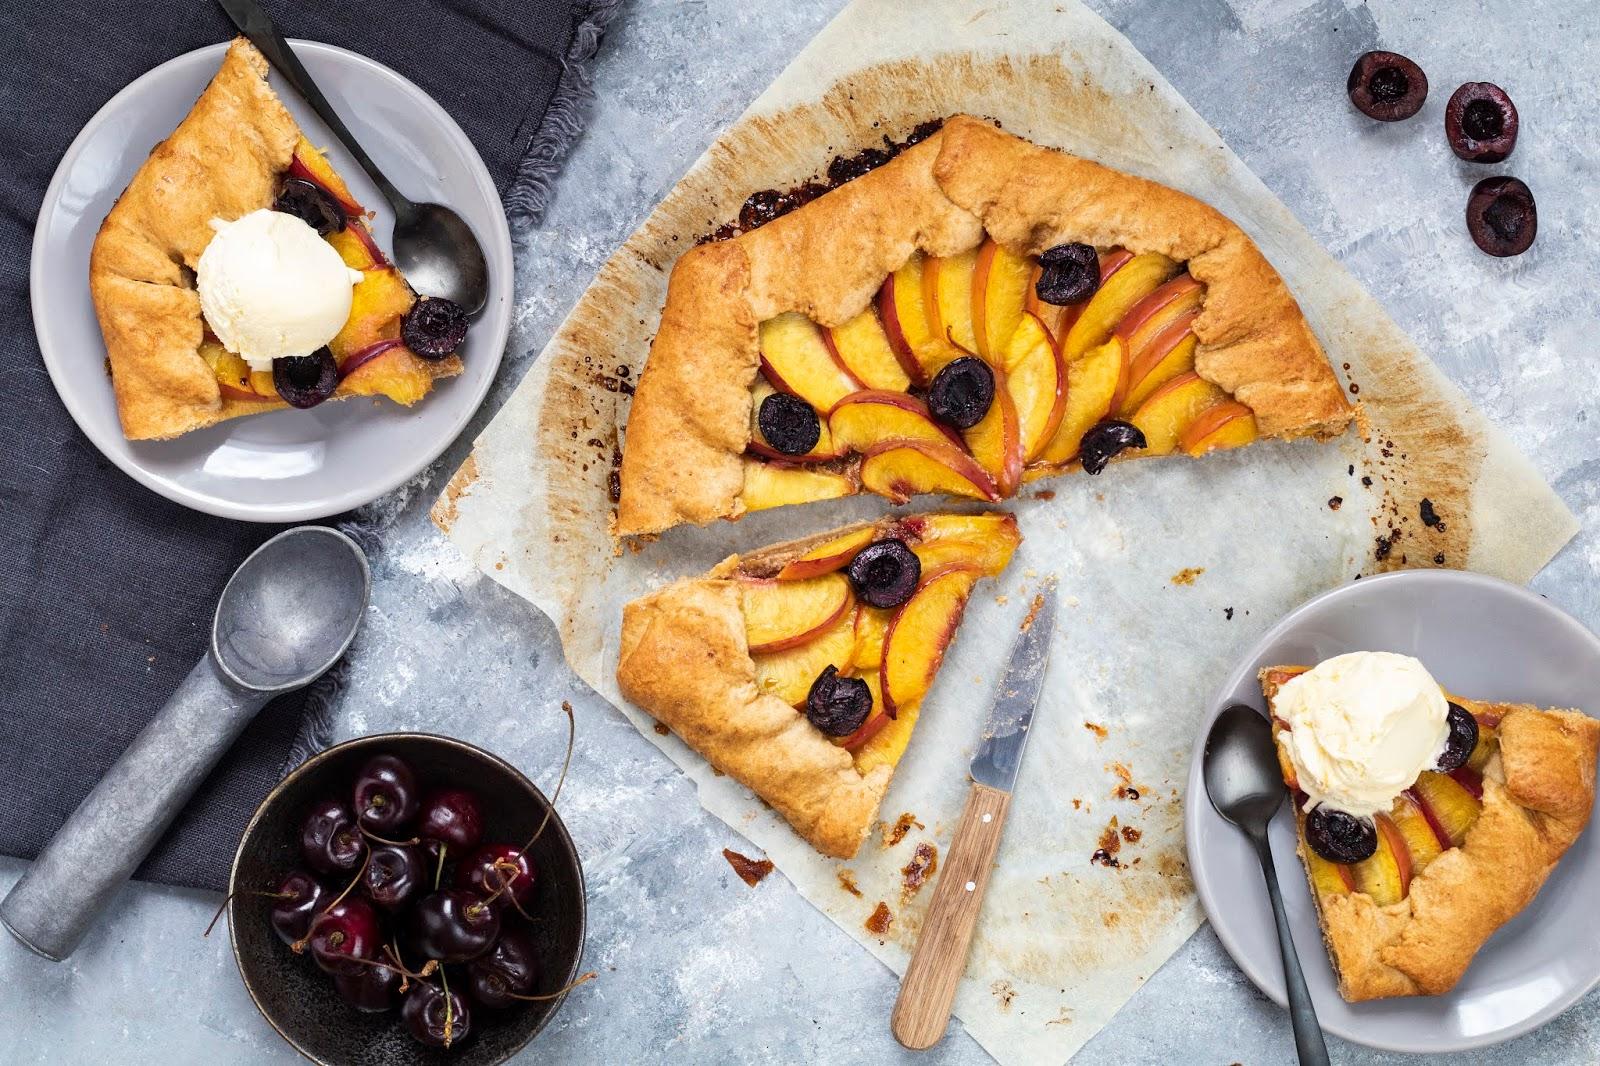 Recette de la tarte rustique aux nectarines et aux cerises servie avec une boule de glace vanille